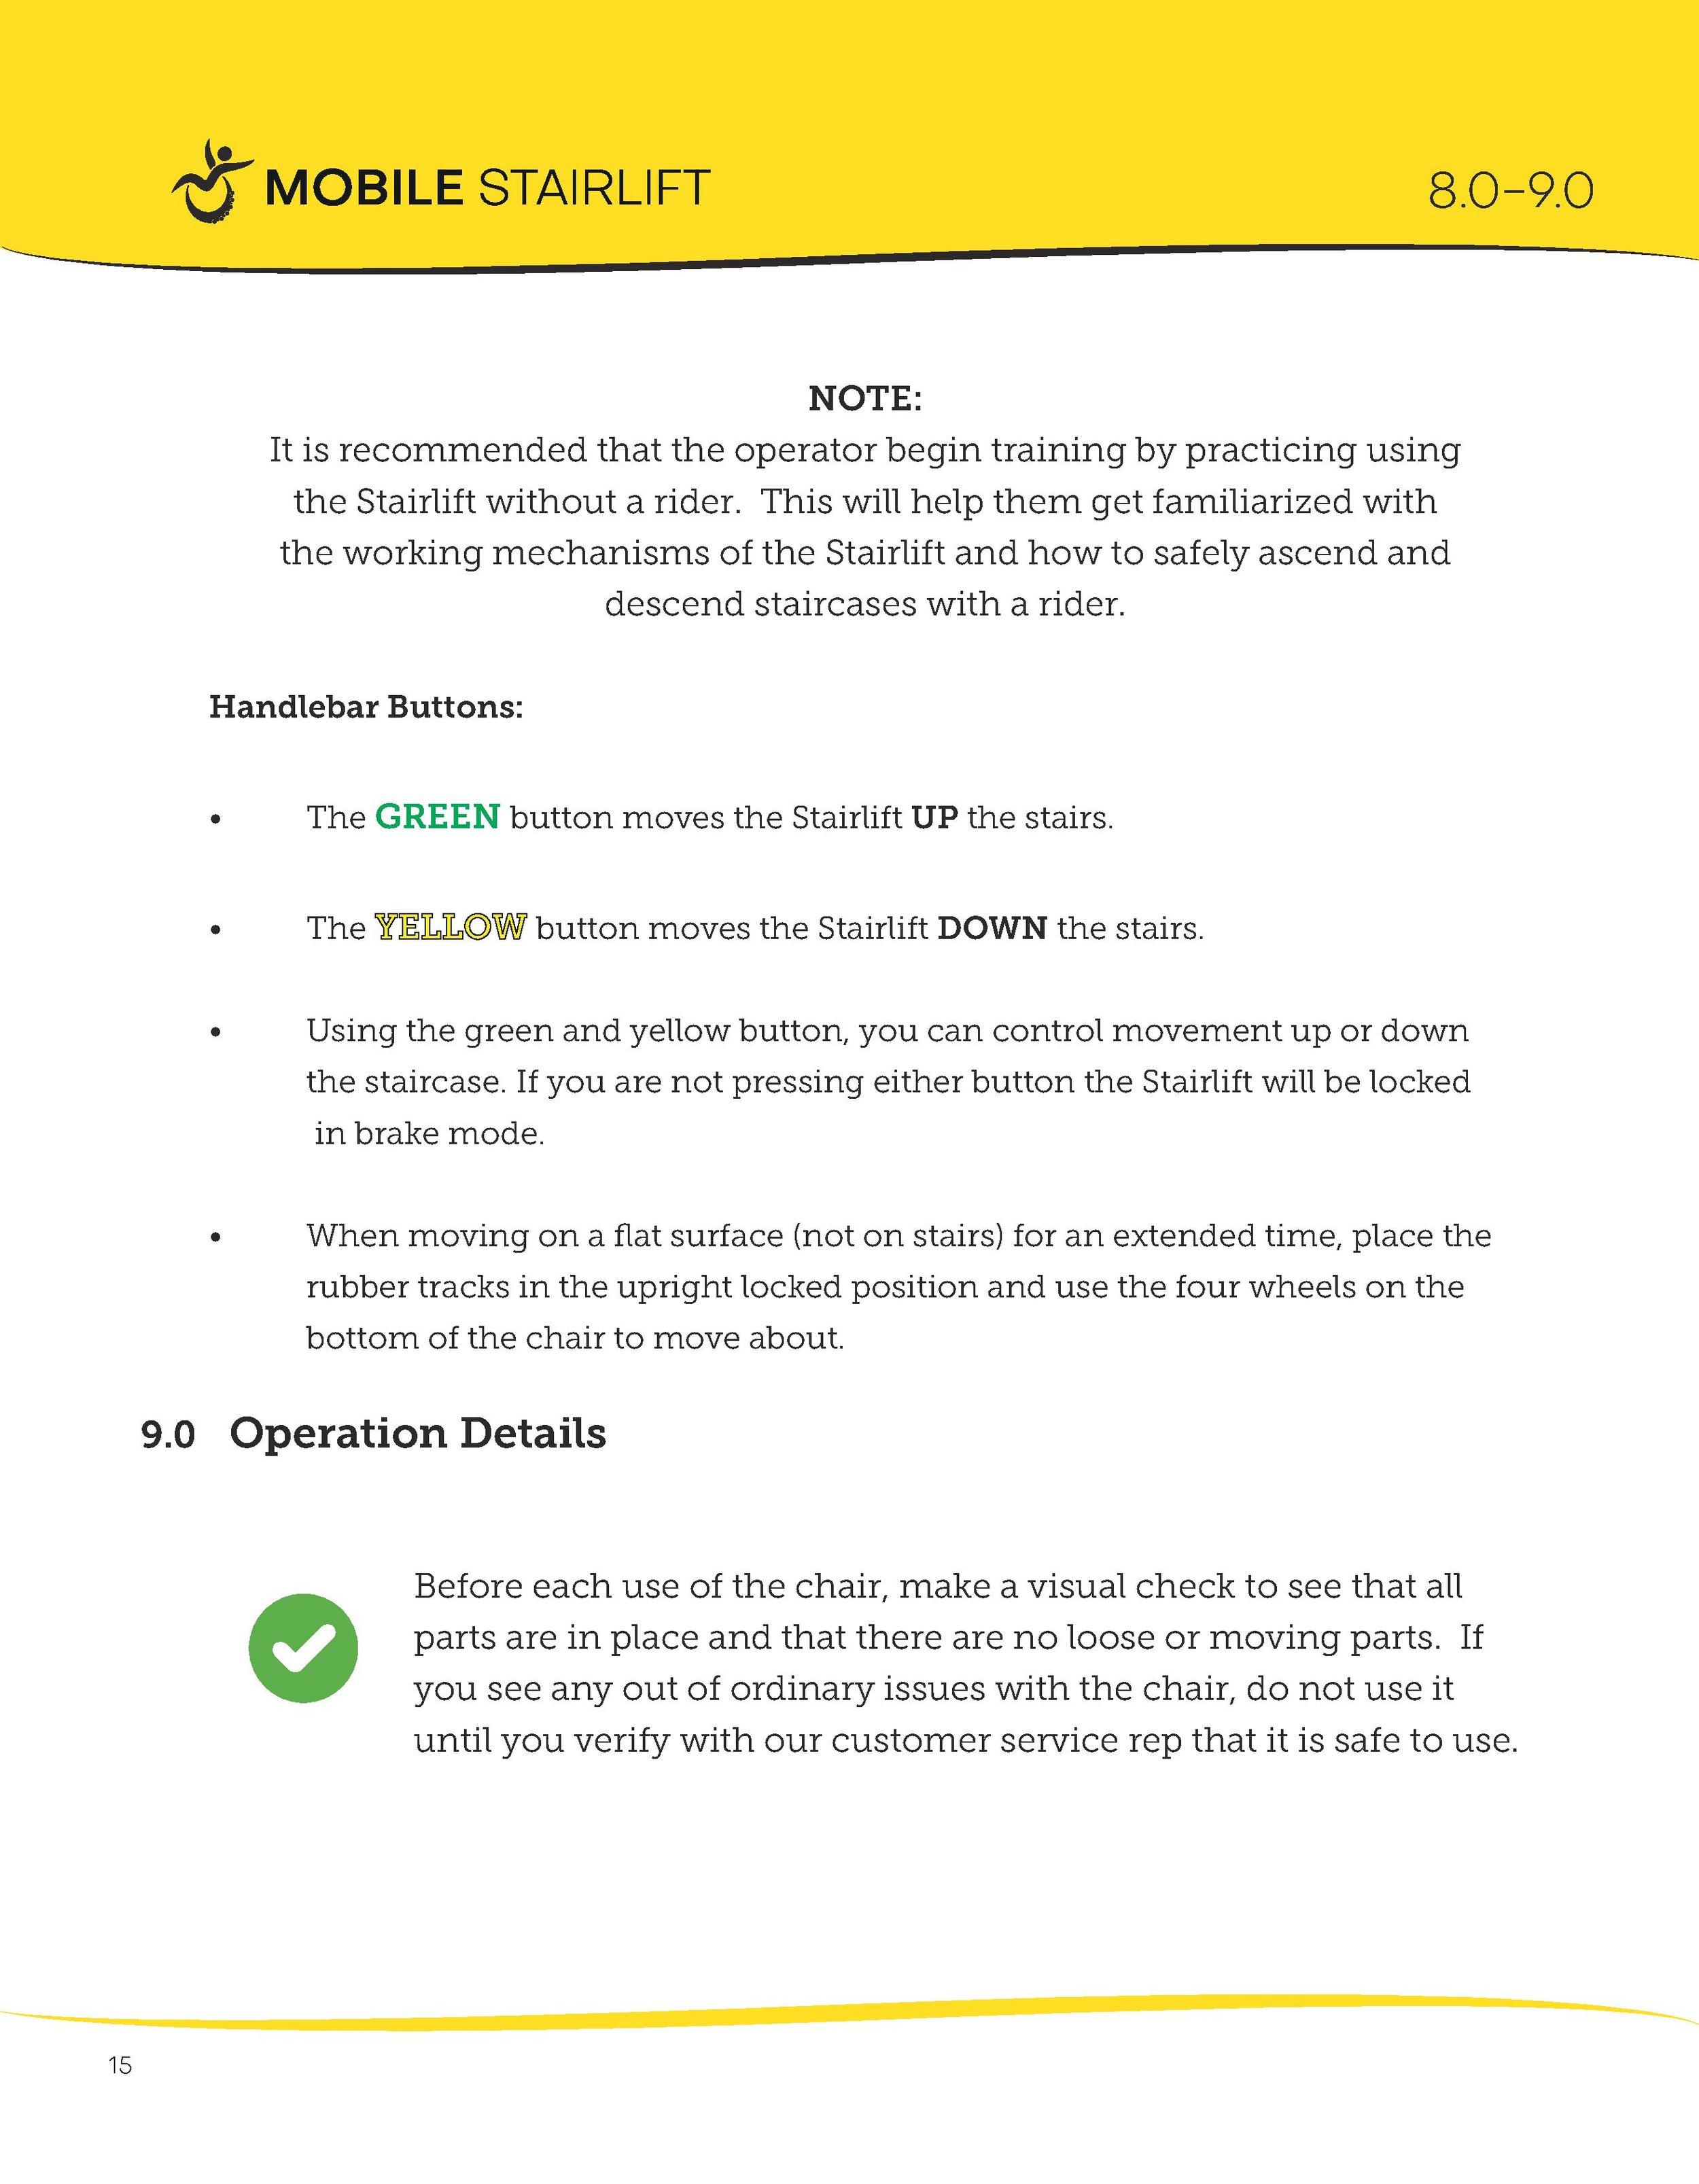 Mobile Stairlift Instruction Manual-16.jpg